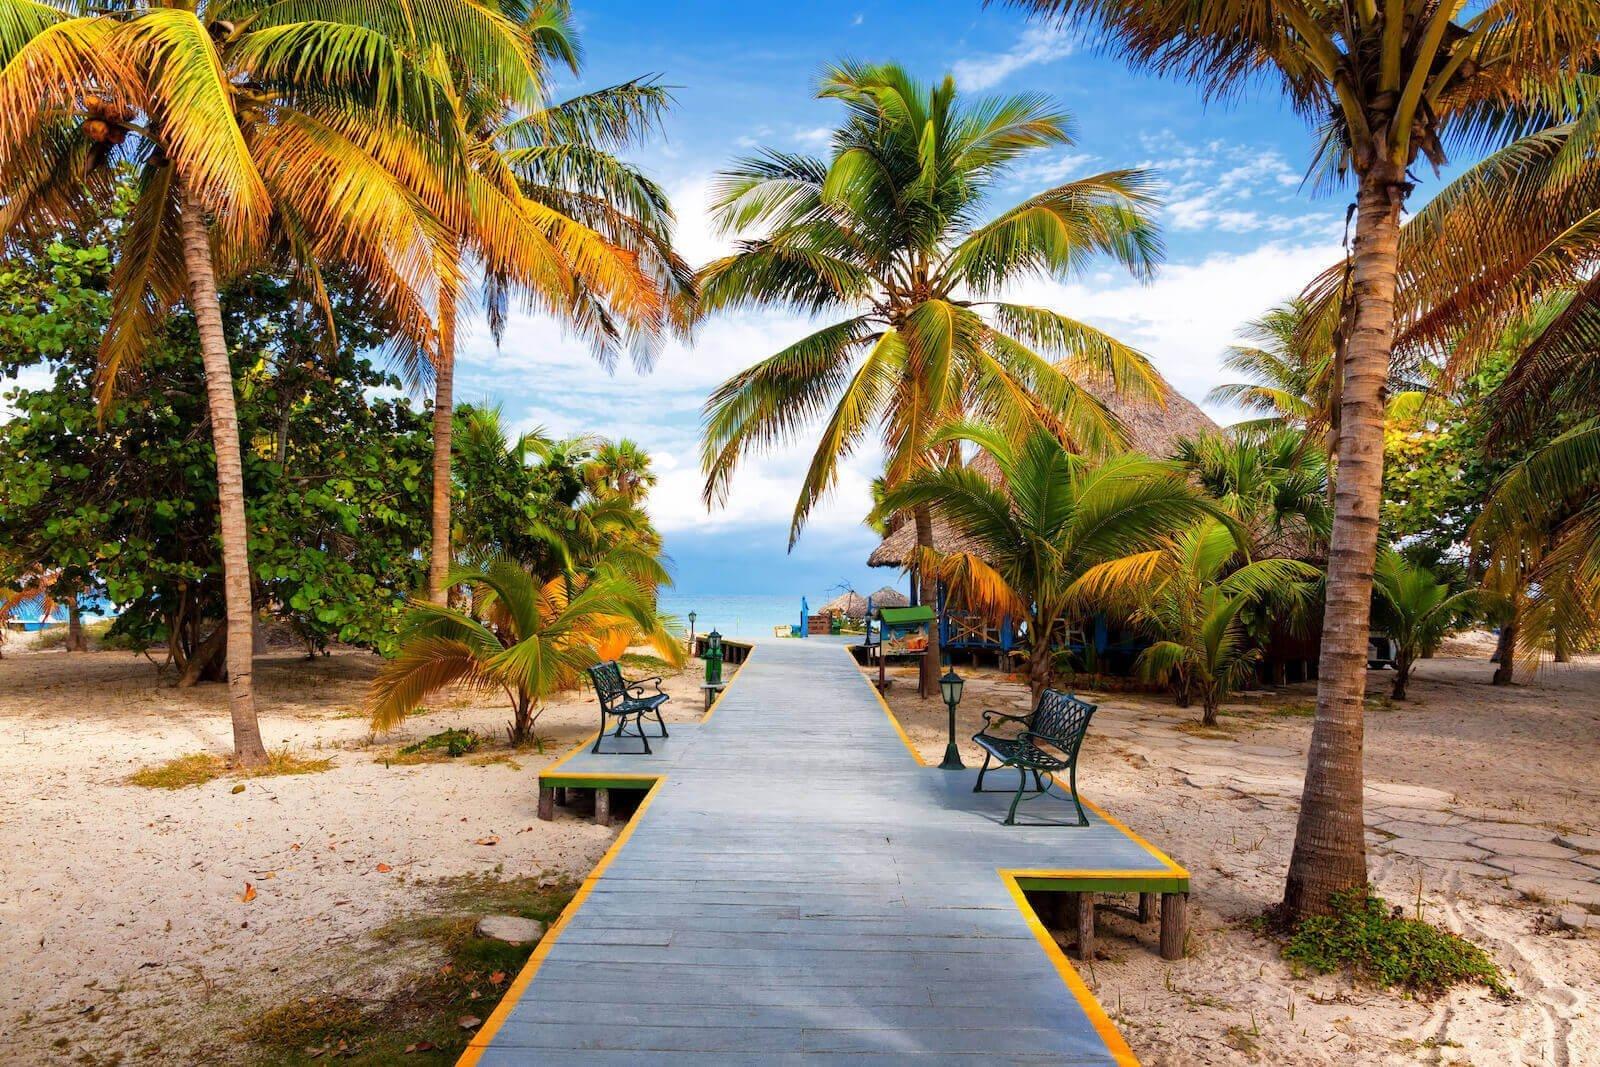 Pad dat loopt naar tropisch strand in Varadero Cuba